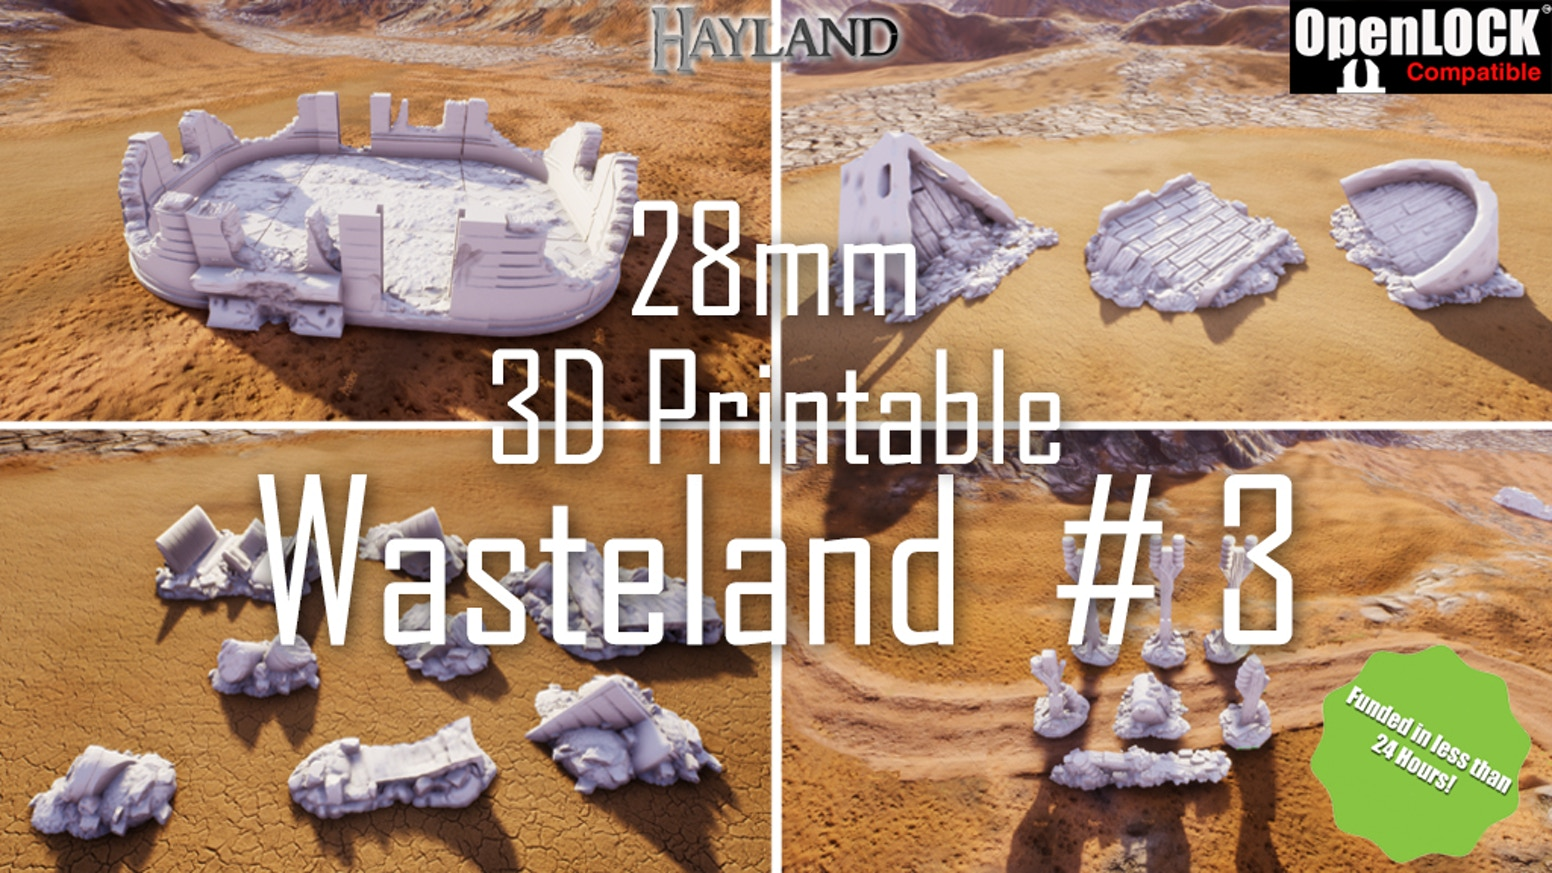 28mm 3D Printable Wasteland #3- OpenLOCK - STL by Hayland Terrain